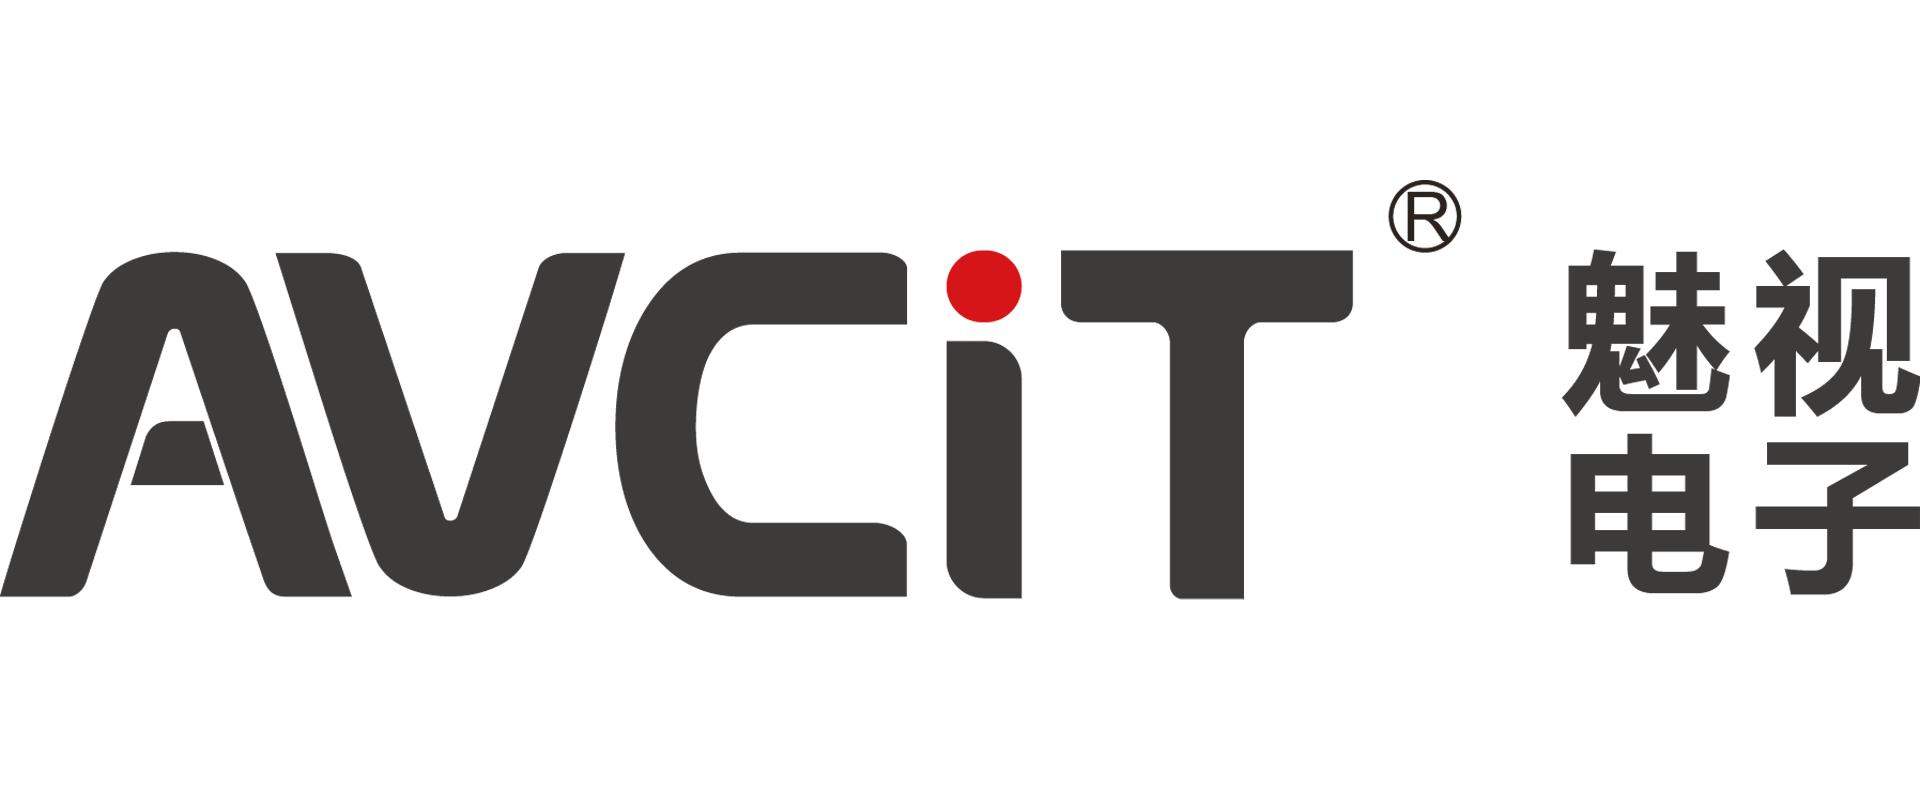 广州市魅视电子科技有限公司(捷控电子)(魅视AVCIT)概况——魅视AVCIT产品品牌商标LOGO标志